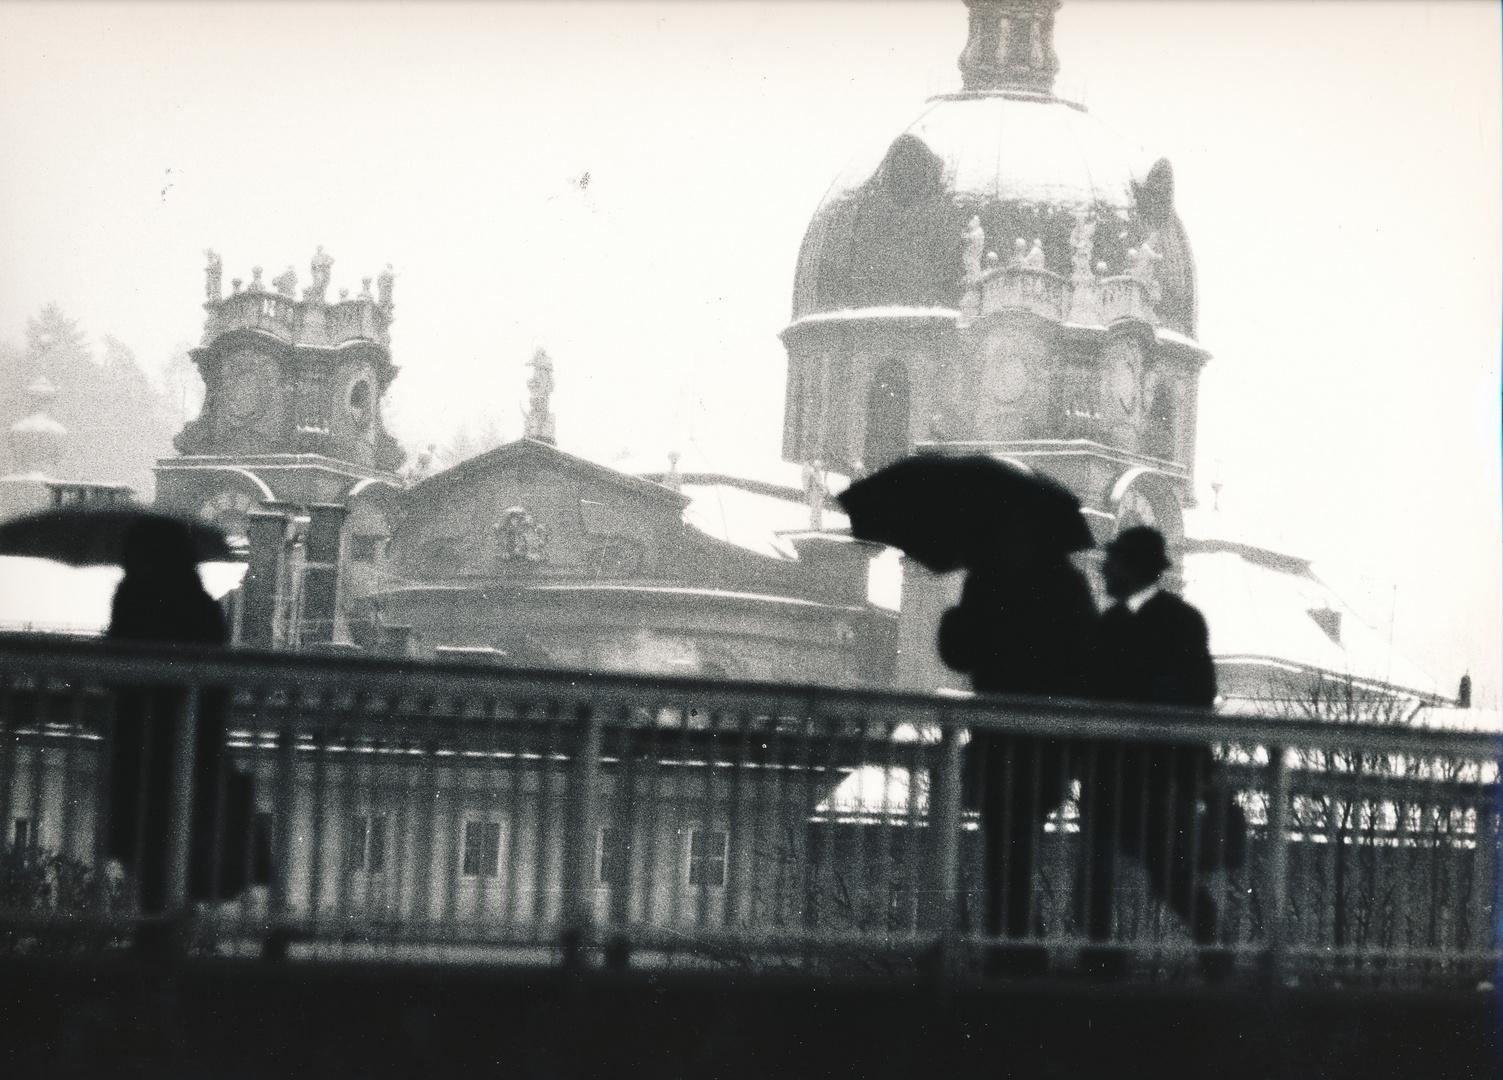 Teil meiner Serie im alten Stil über Paris